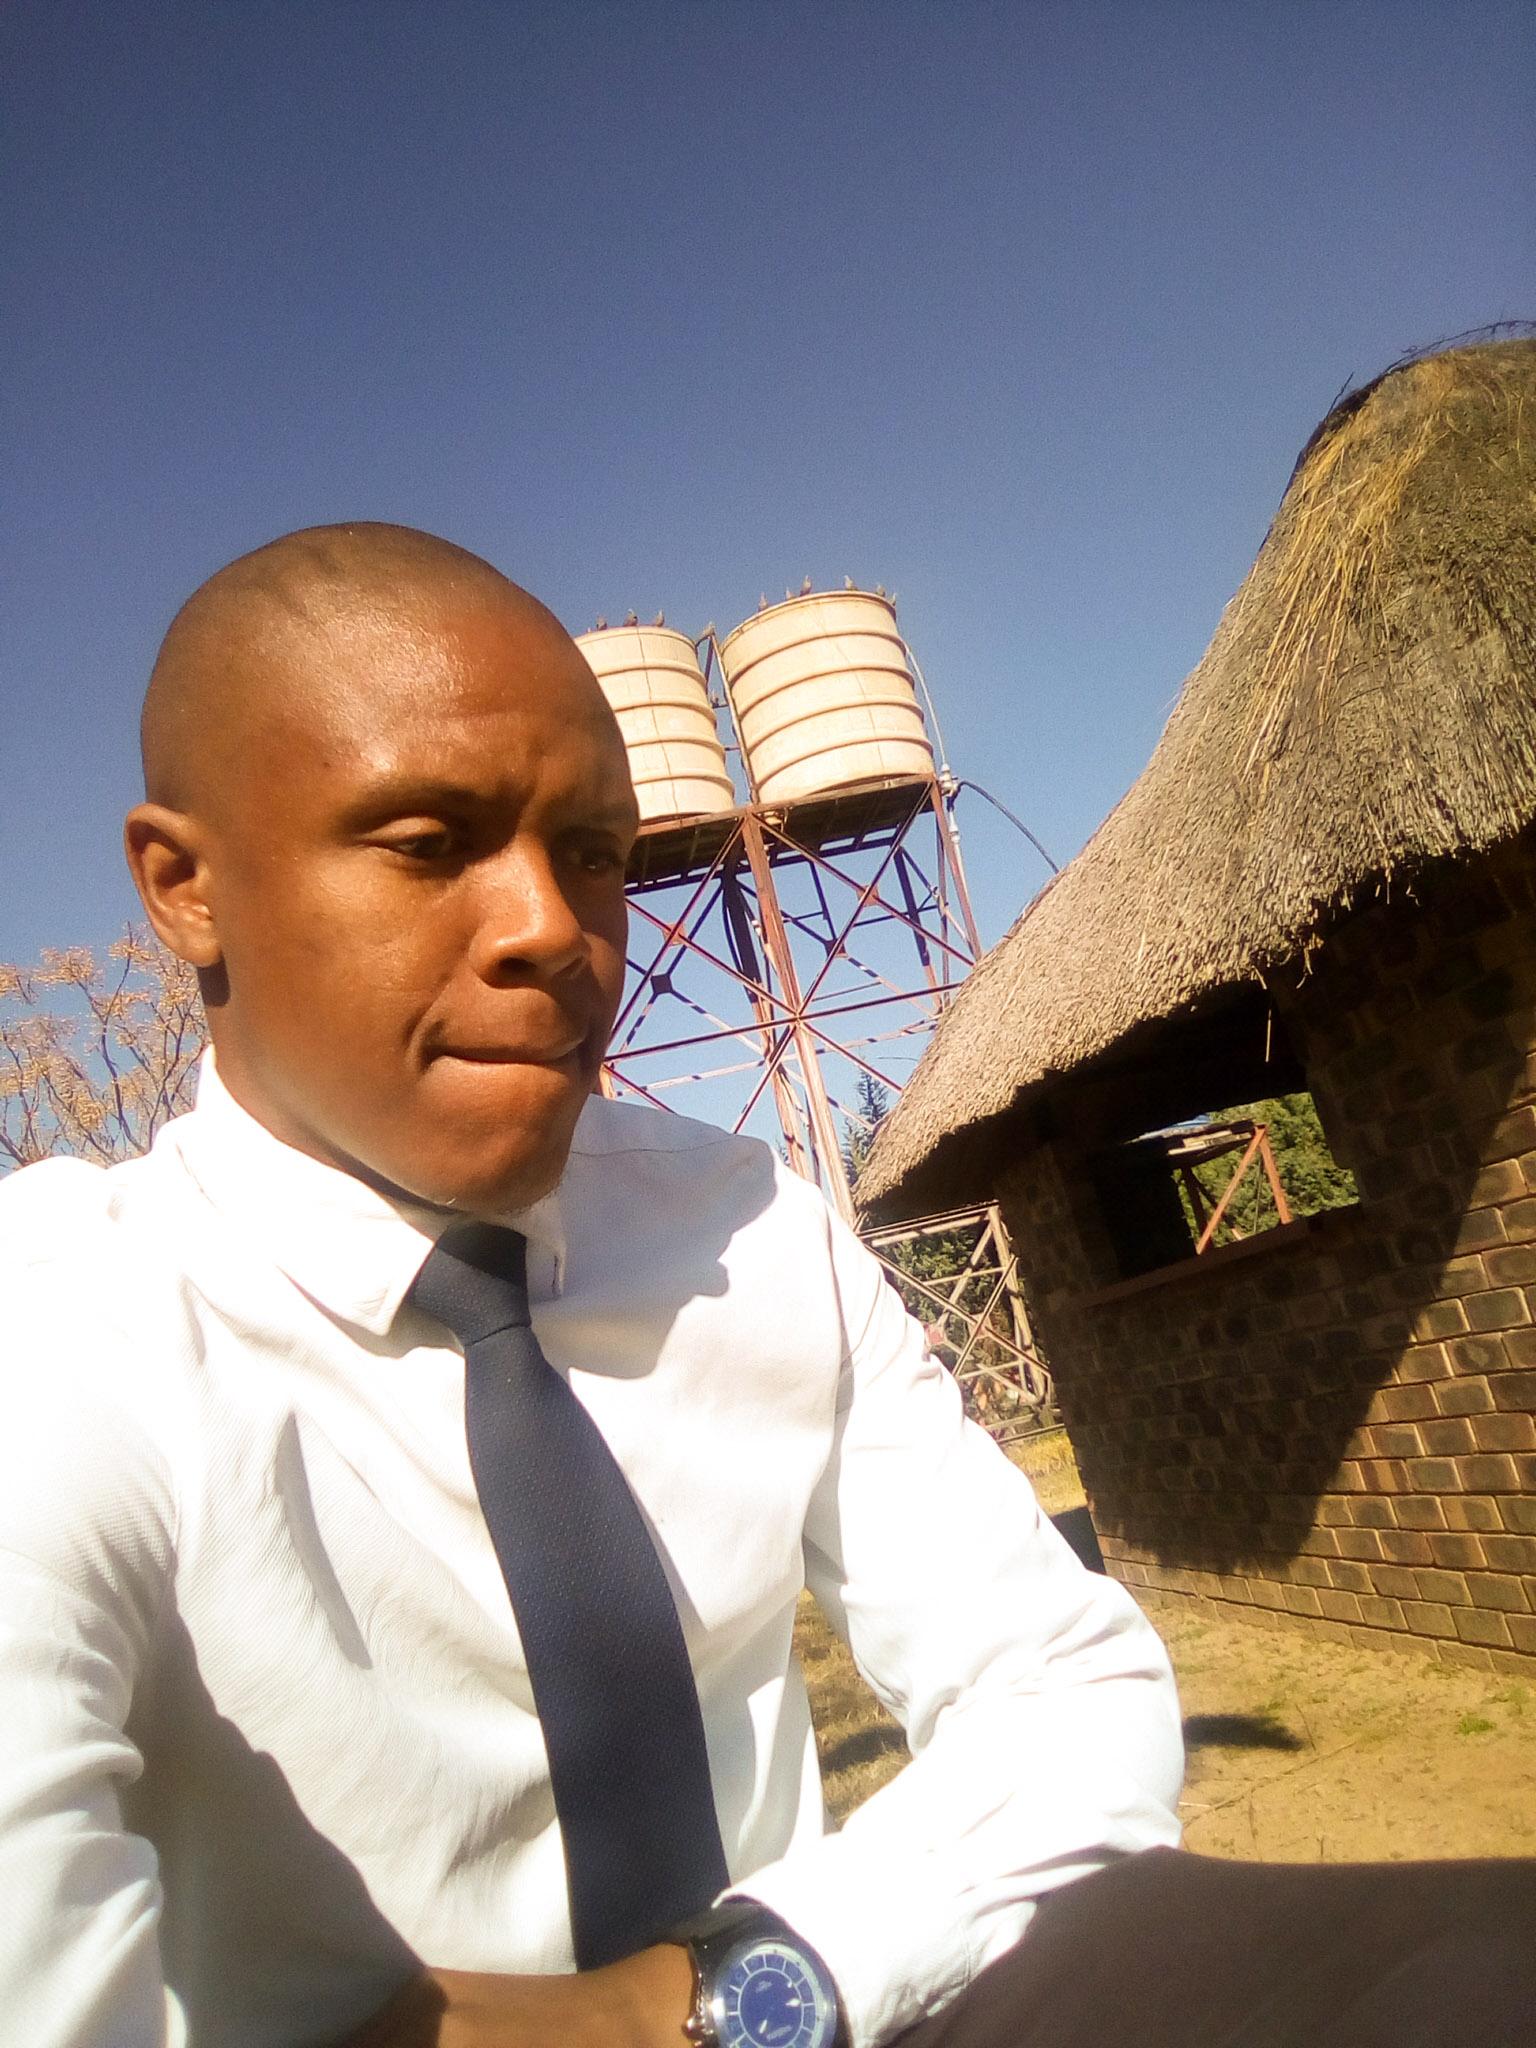 Tankiso Molengoane, Molengoane Tours, Lesotho